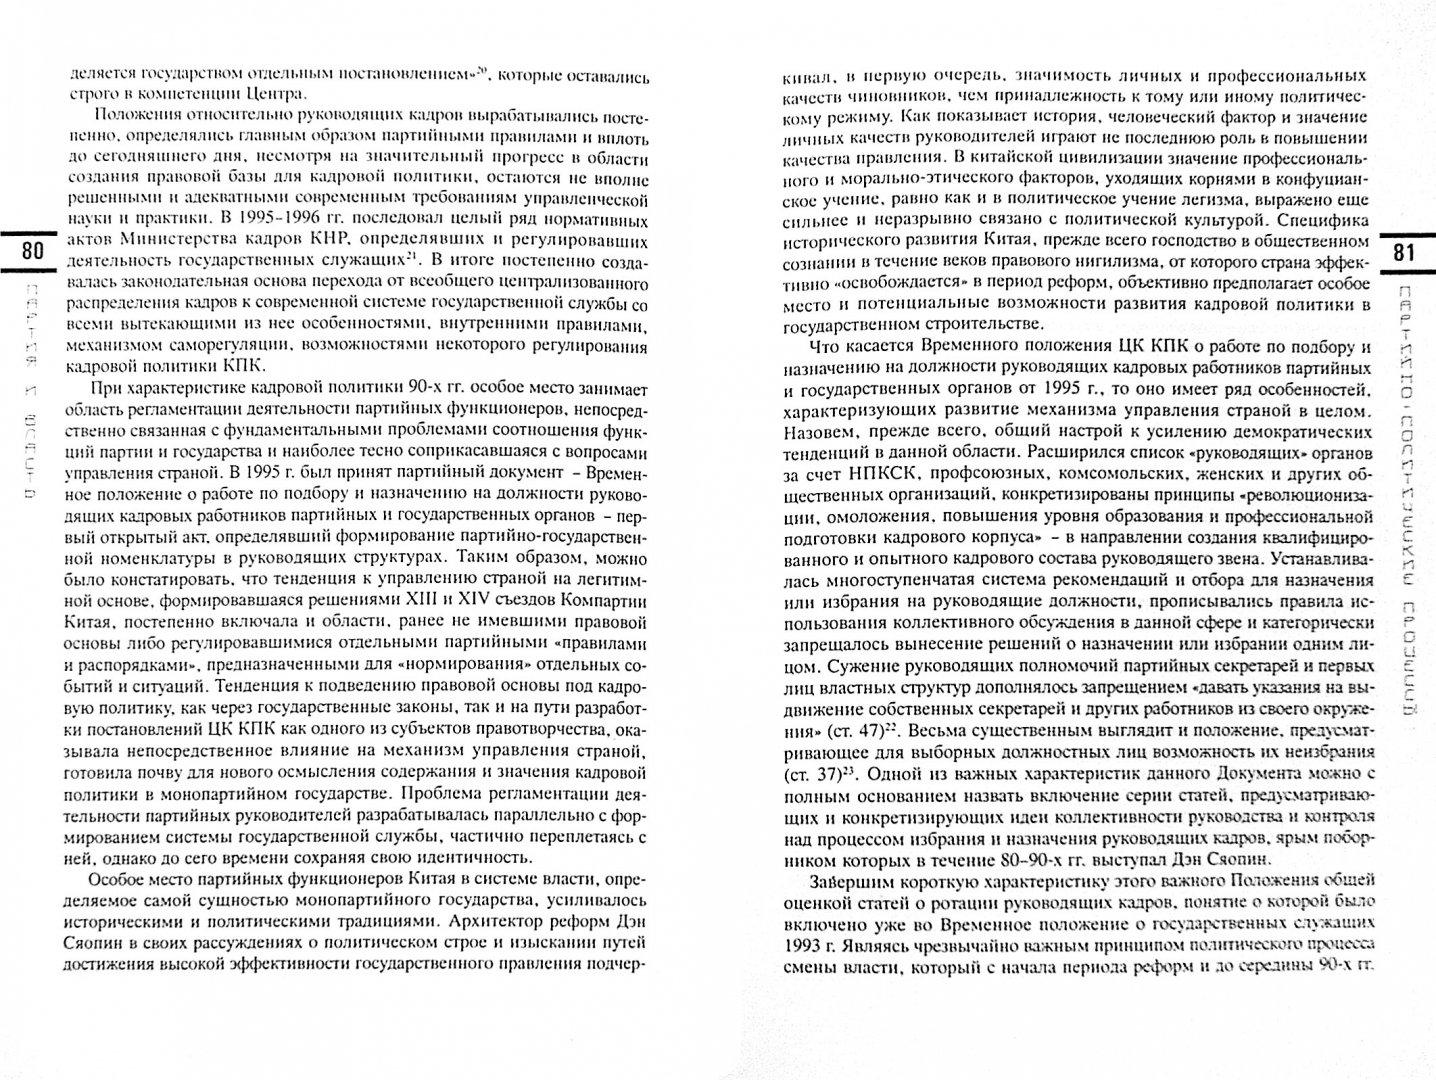 Иллюстрация 1 из 7 для Партия и власть. Компартия Китая и проблема реформы политической системы - Наталья Мамаева | Лабиринт - книги. Источник: Лабиринт